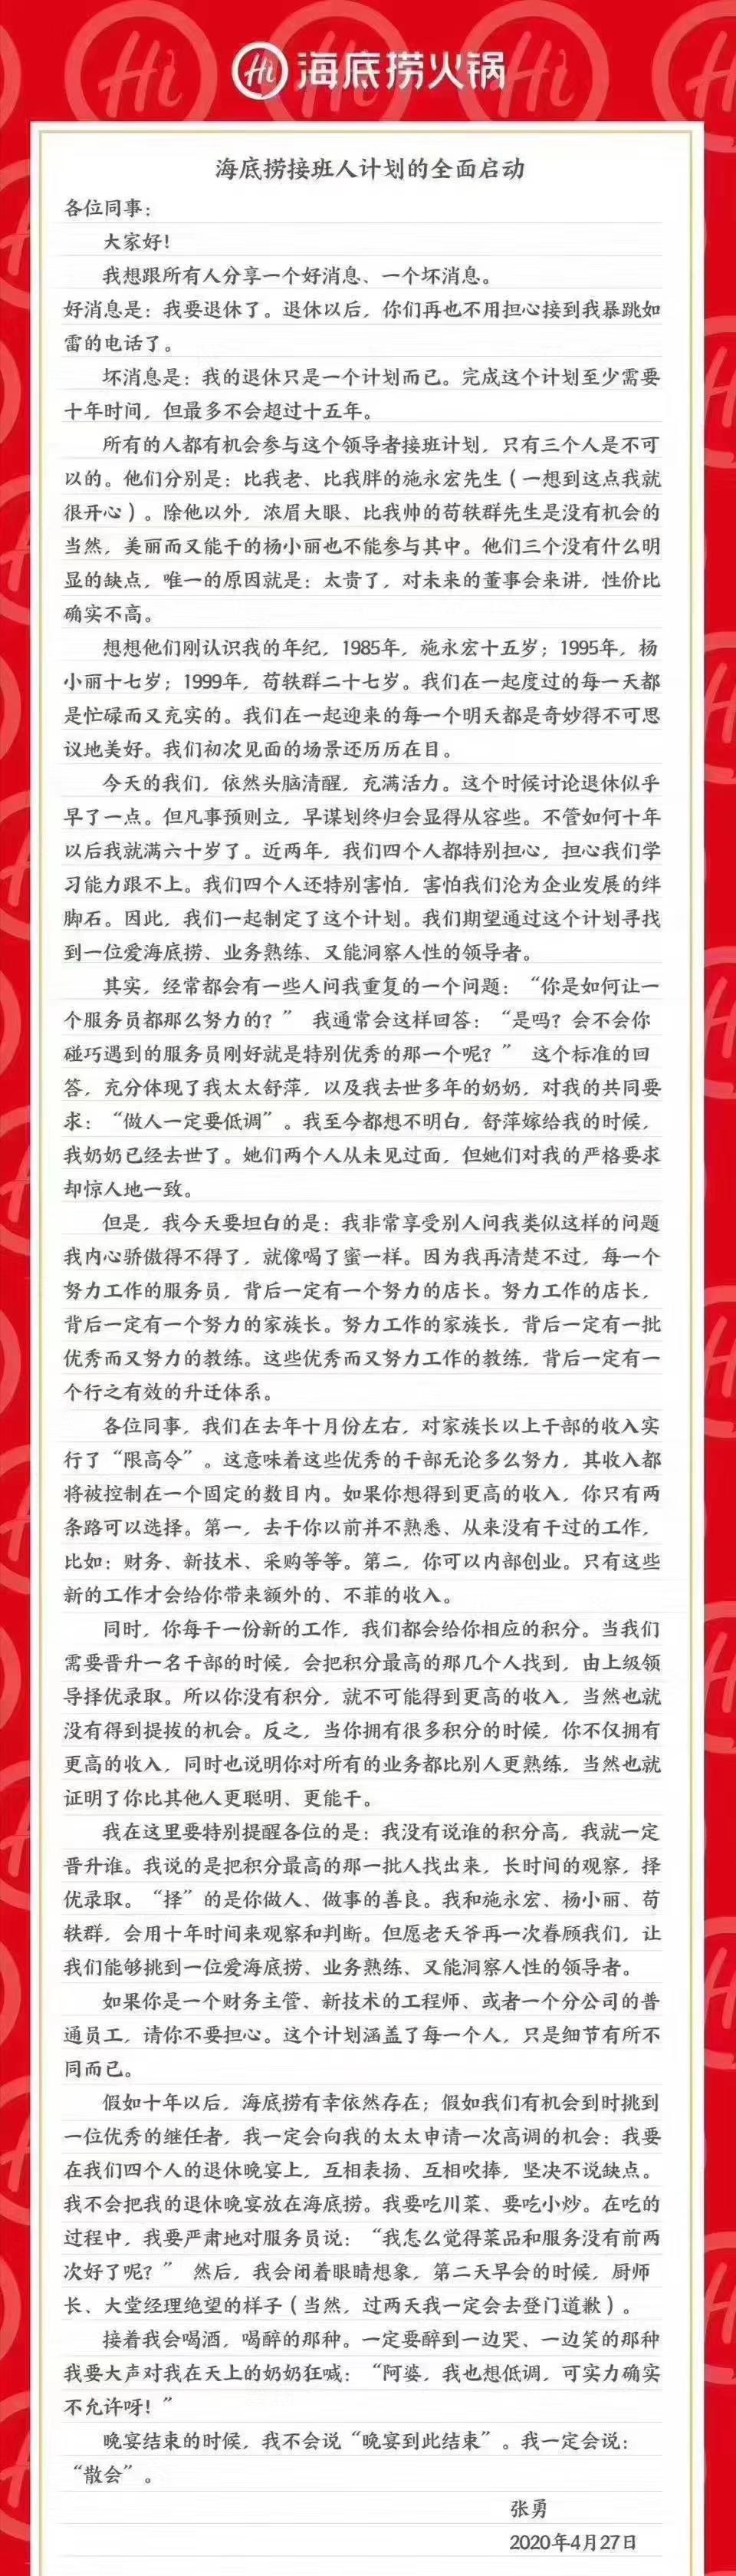 张勇公开信全文